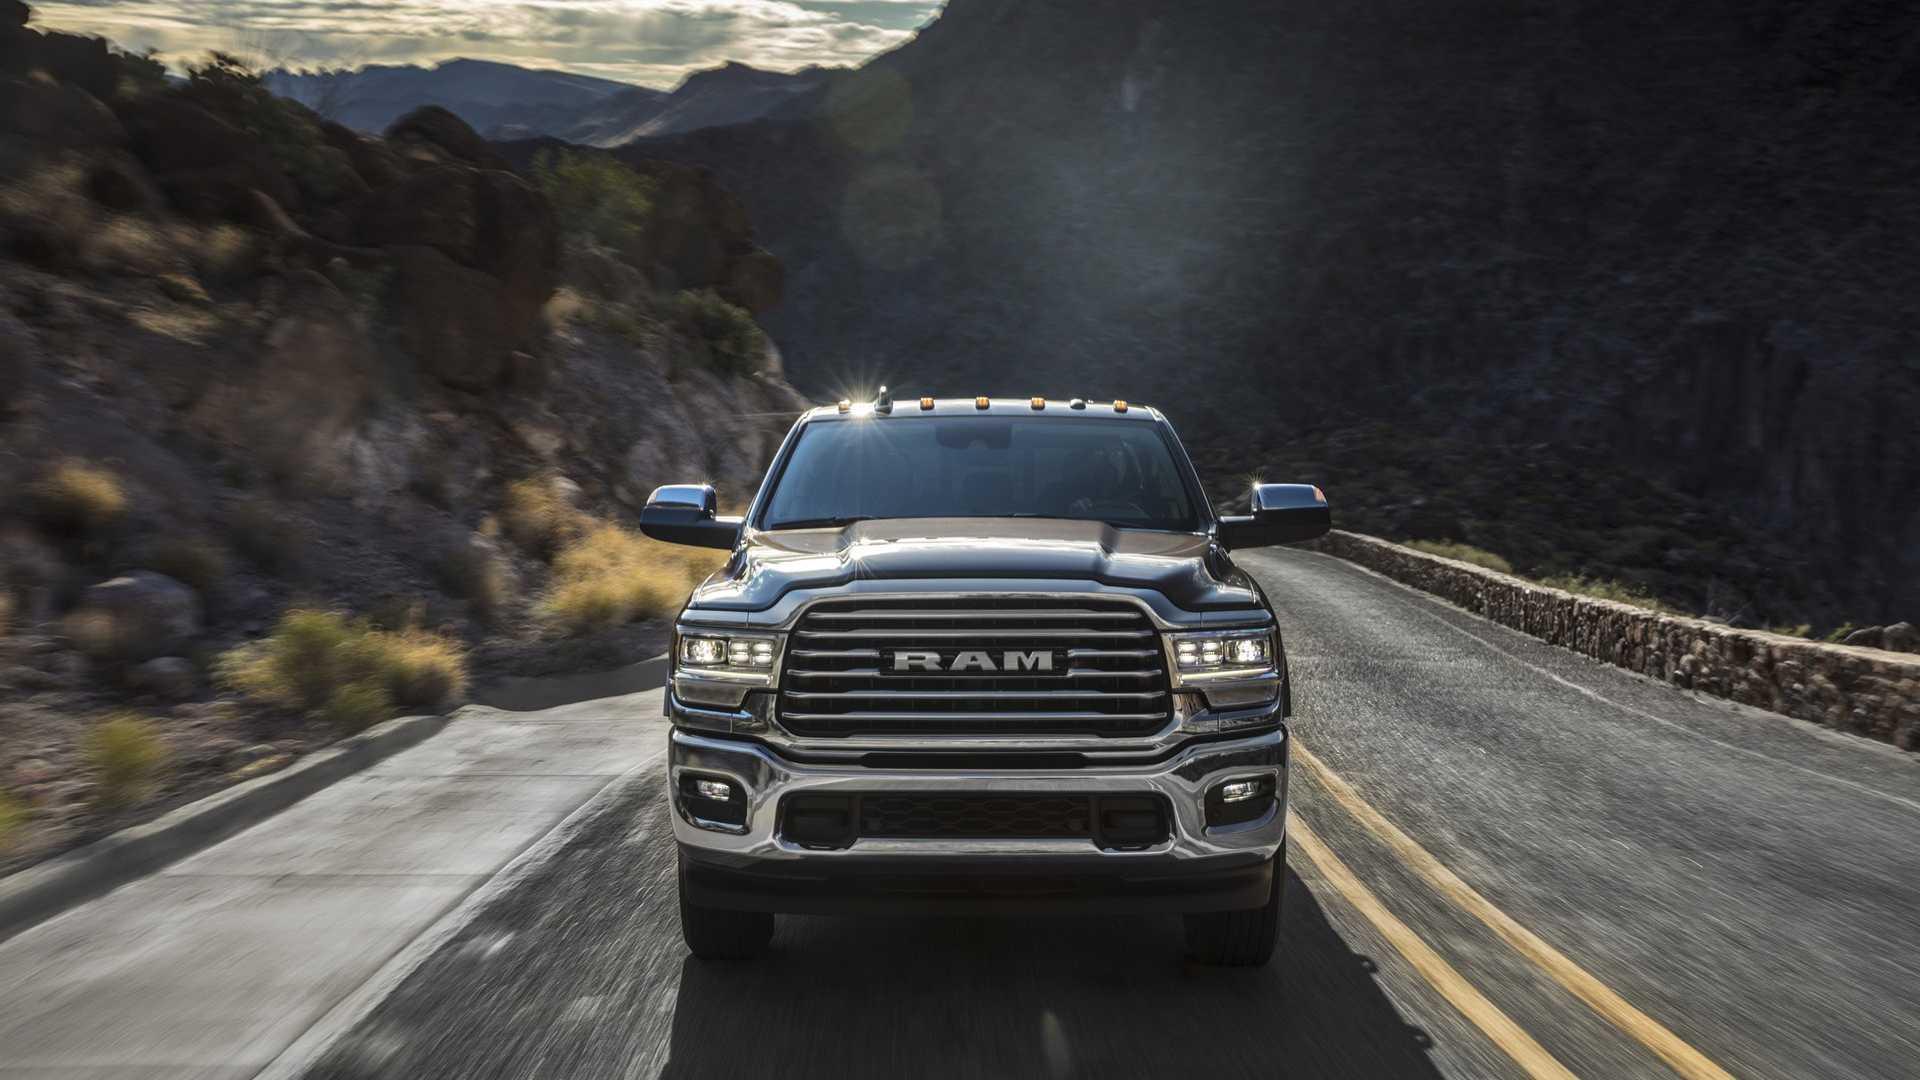 2019-ram-heavy-duty-exterior (55)